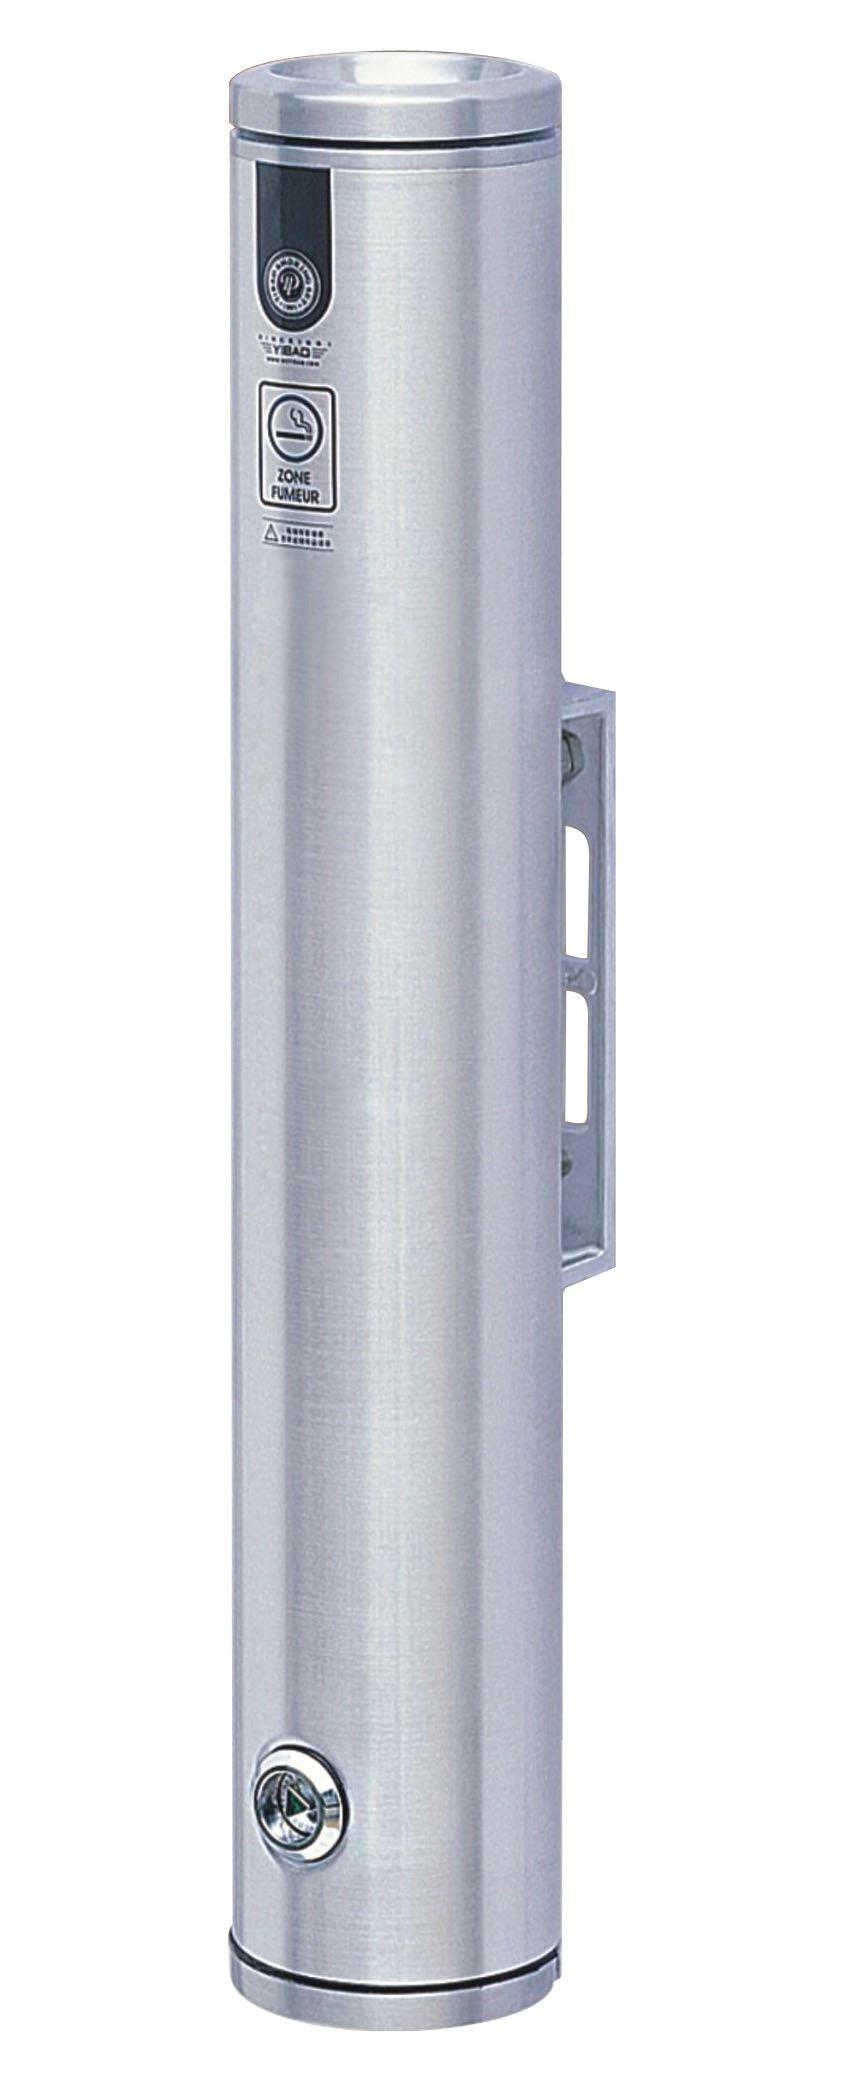 Vestil SMK-W-19A Wall Mounted Aluminum Smoker Bollard, 3-1/4'' OD, 19'' Height